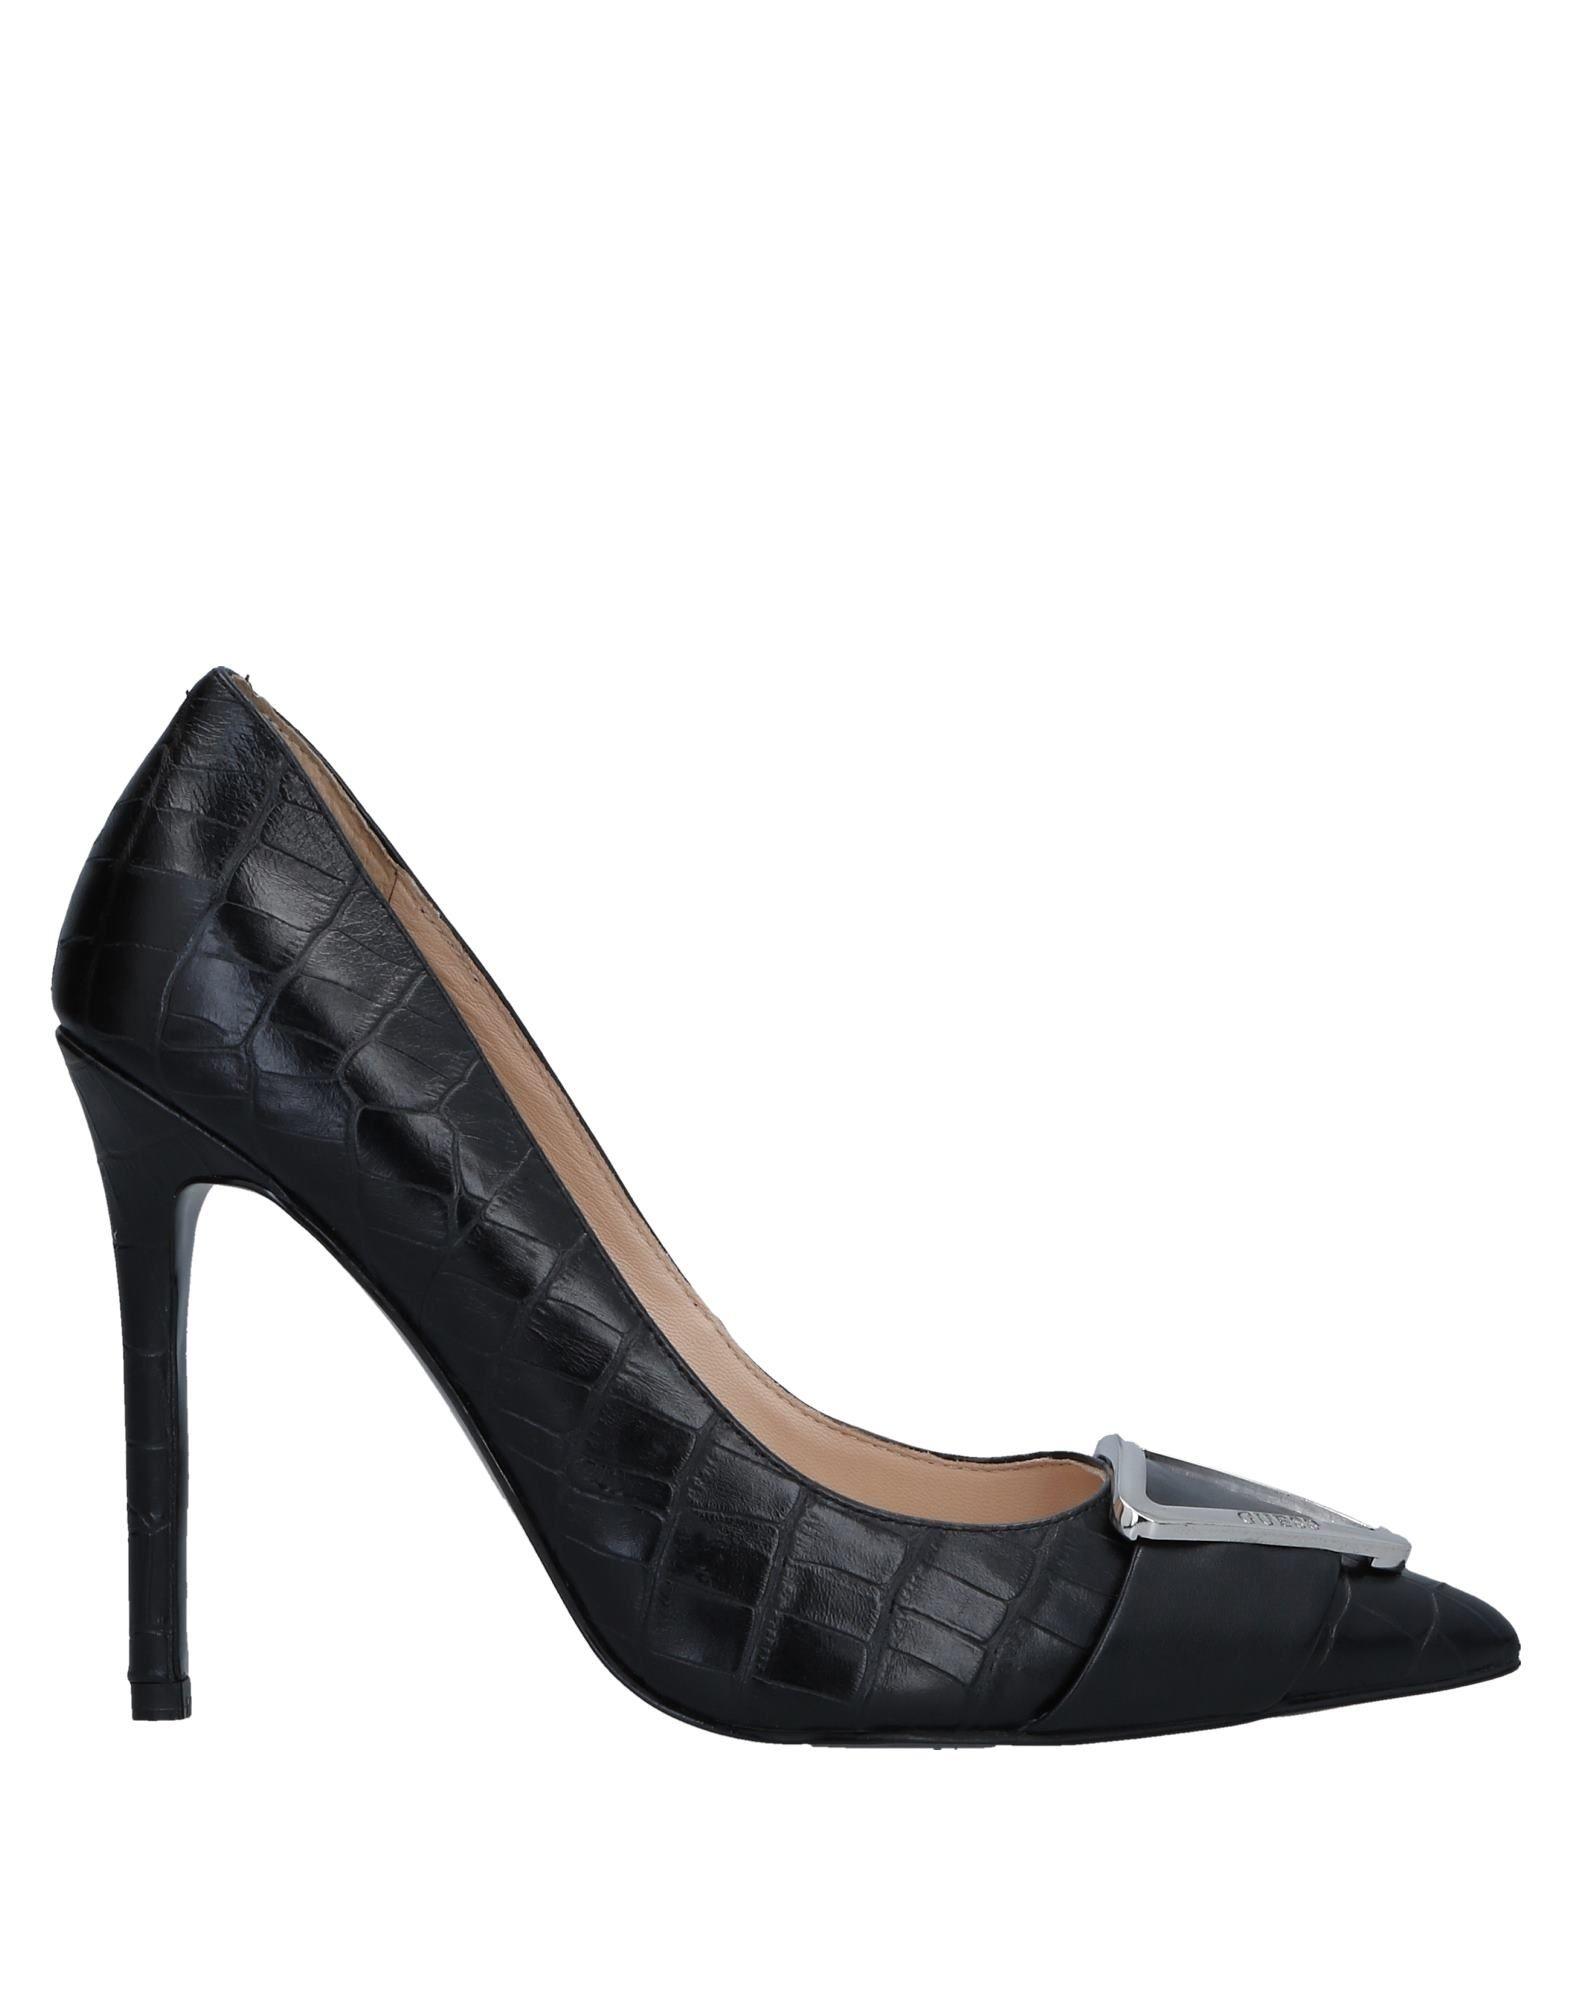 Guess Pumps Damen  11242047KI Gute Qualität beliebte Schuhe